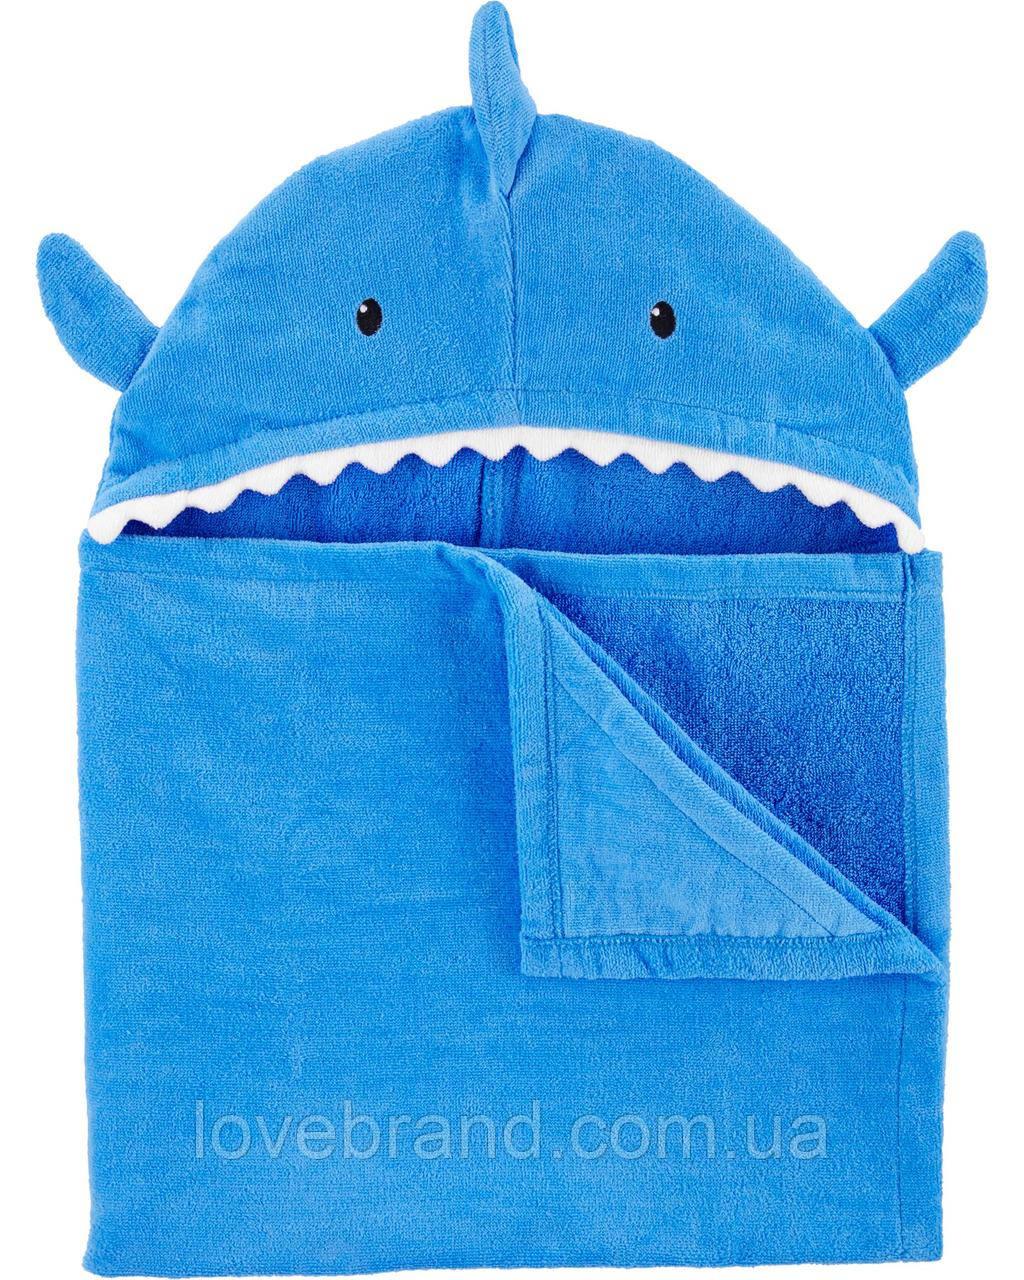 """Большое пляжное полотенце Carter's (США) """"Акула/кит"""" детское пляжное полотенце уголок 69*127 см"""